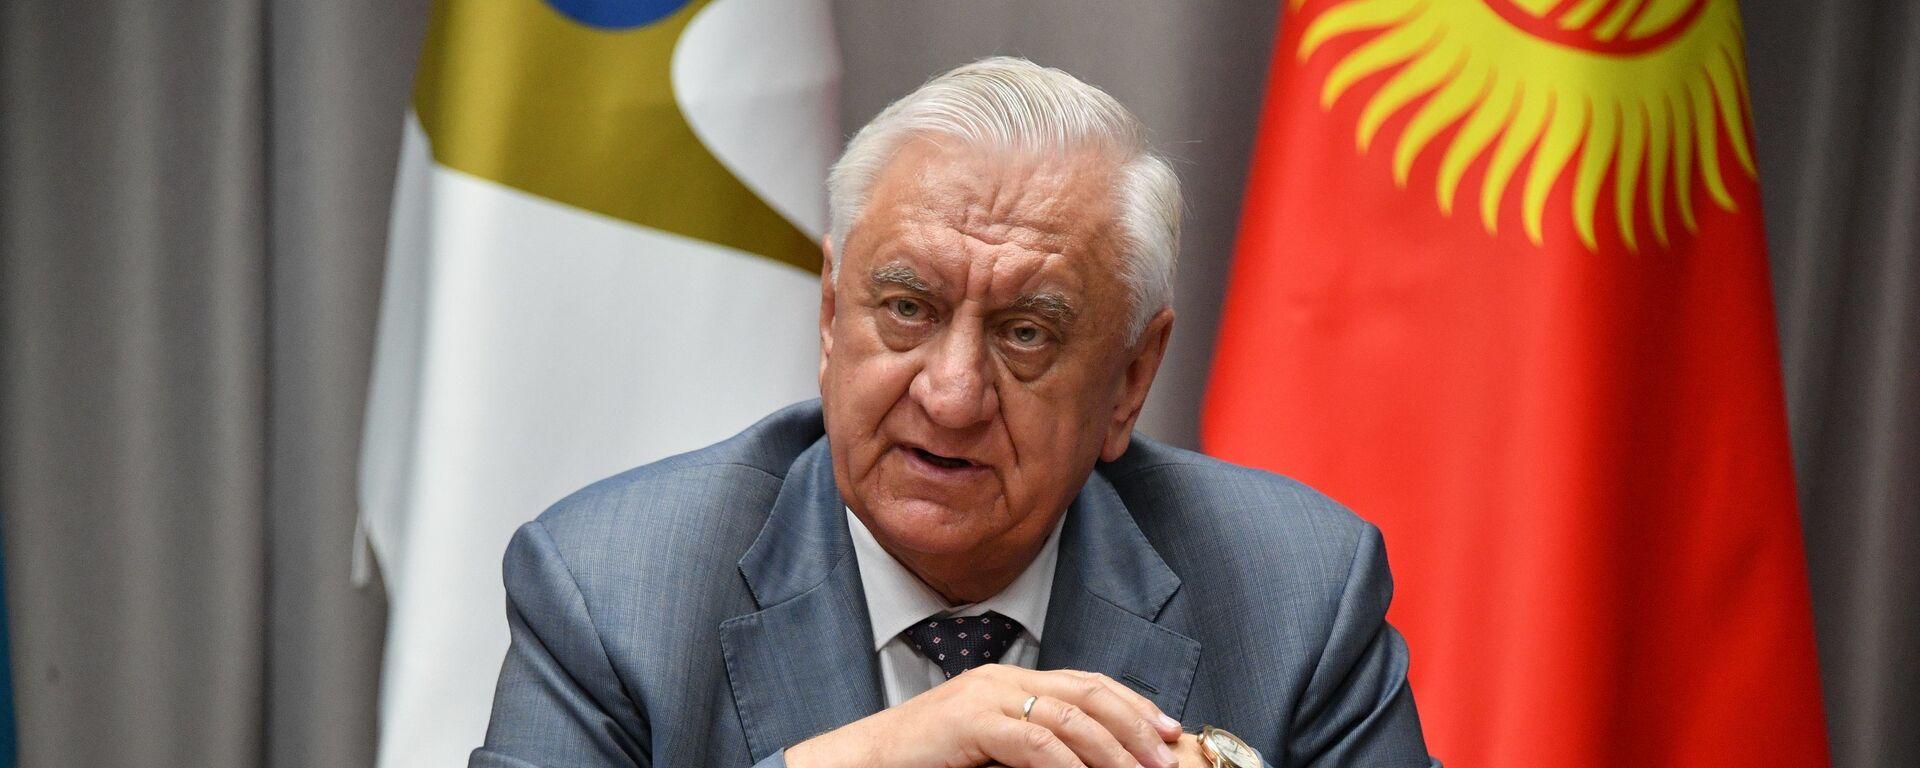 Михаил Мясникович - Sputnik Беларусь, 1920, 21.06.2021